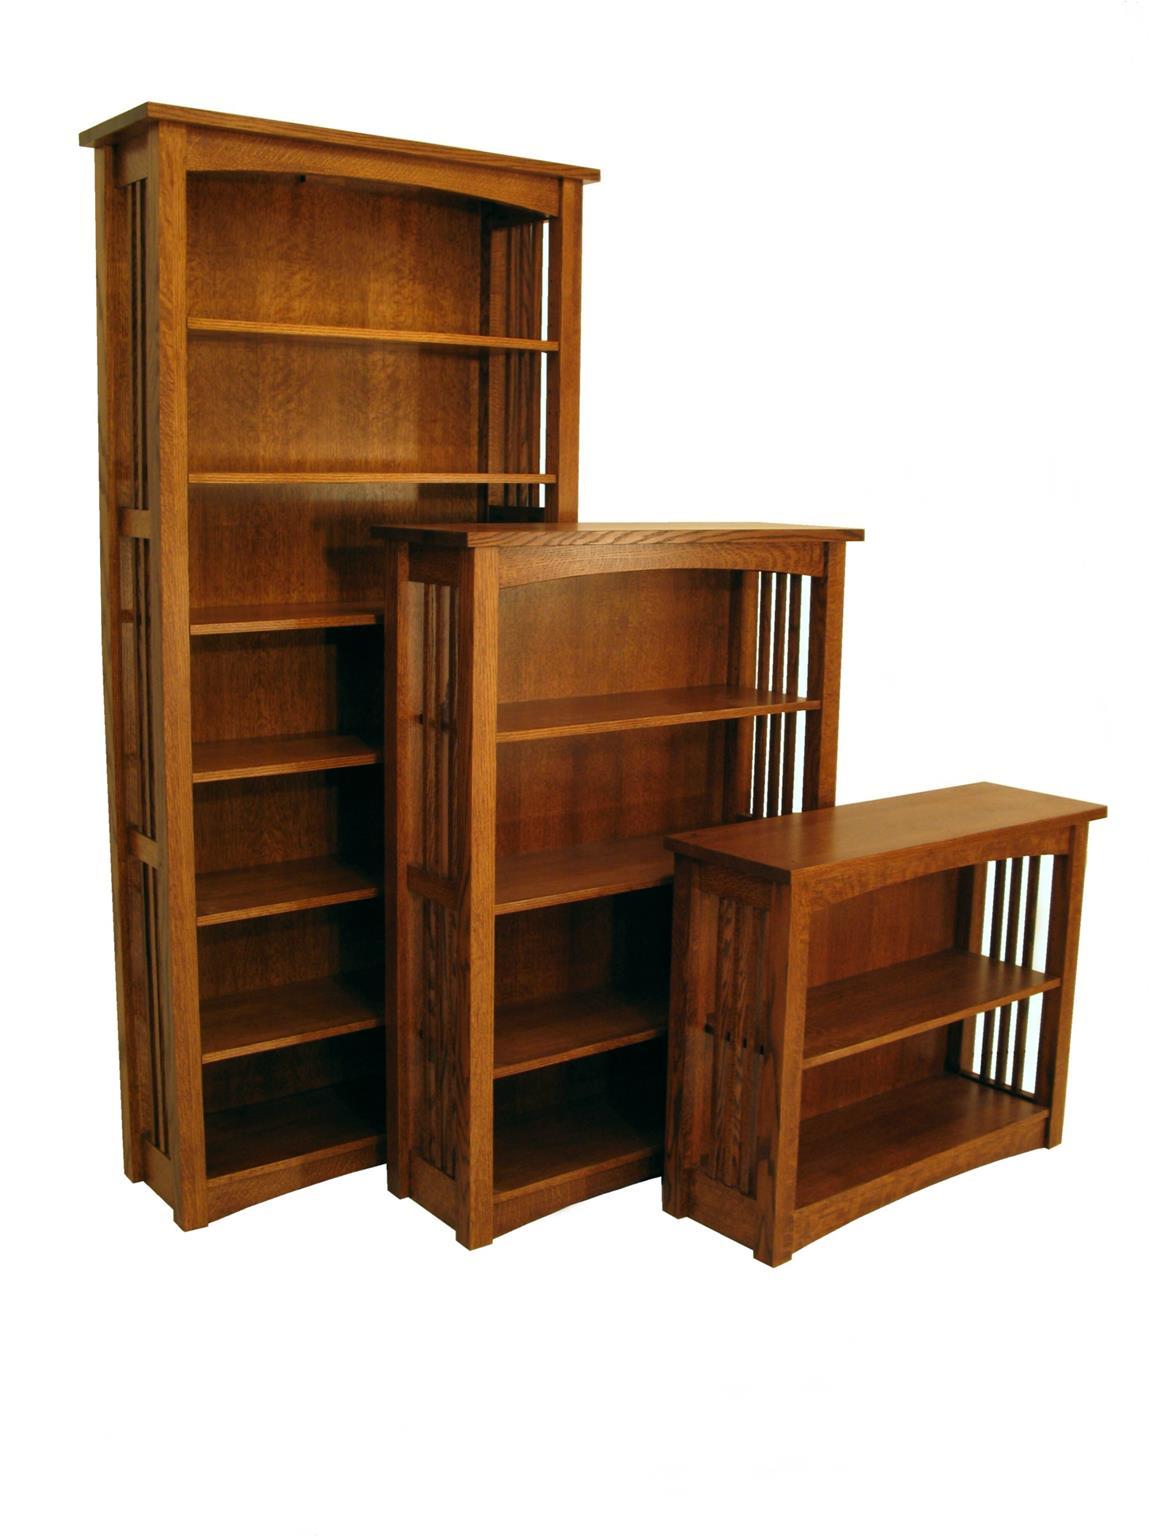 Amish Bungalow Bookcase Image